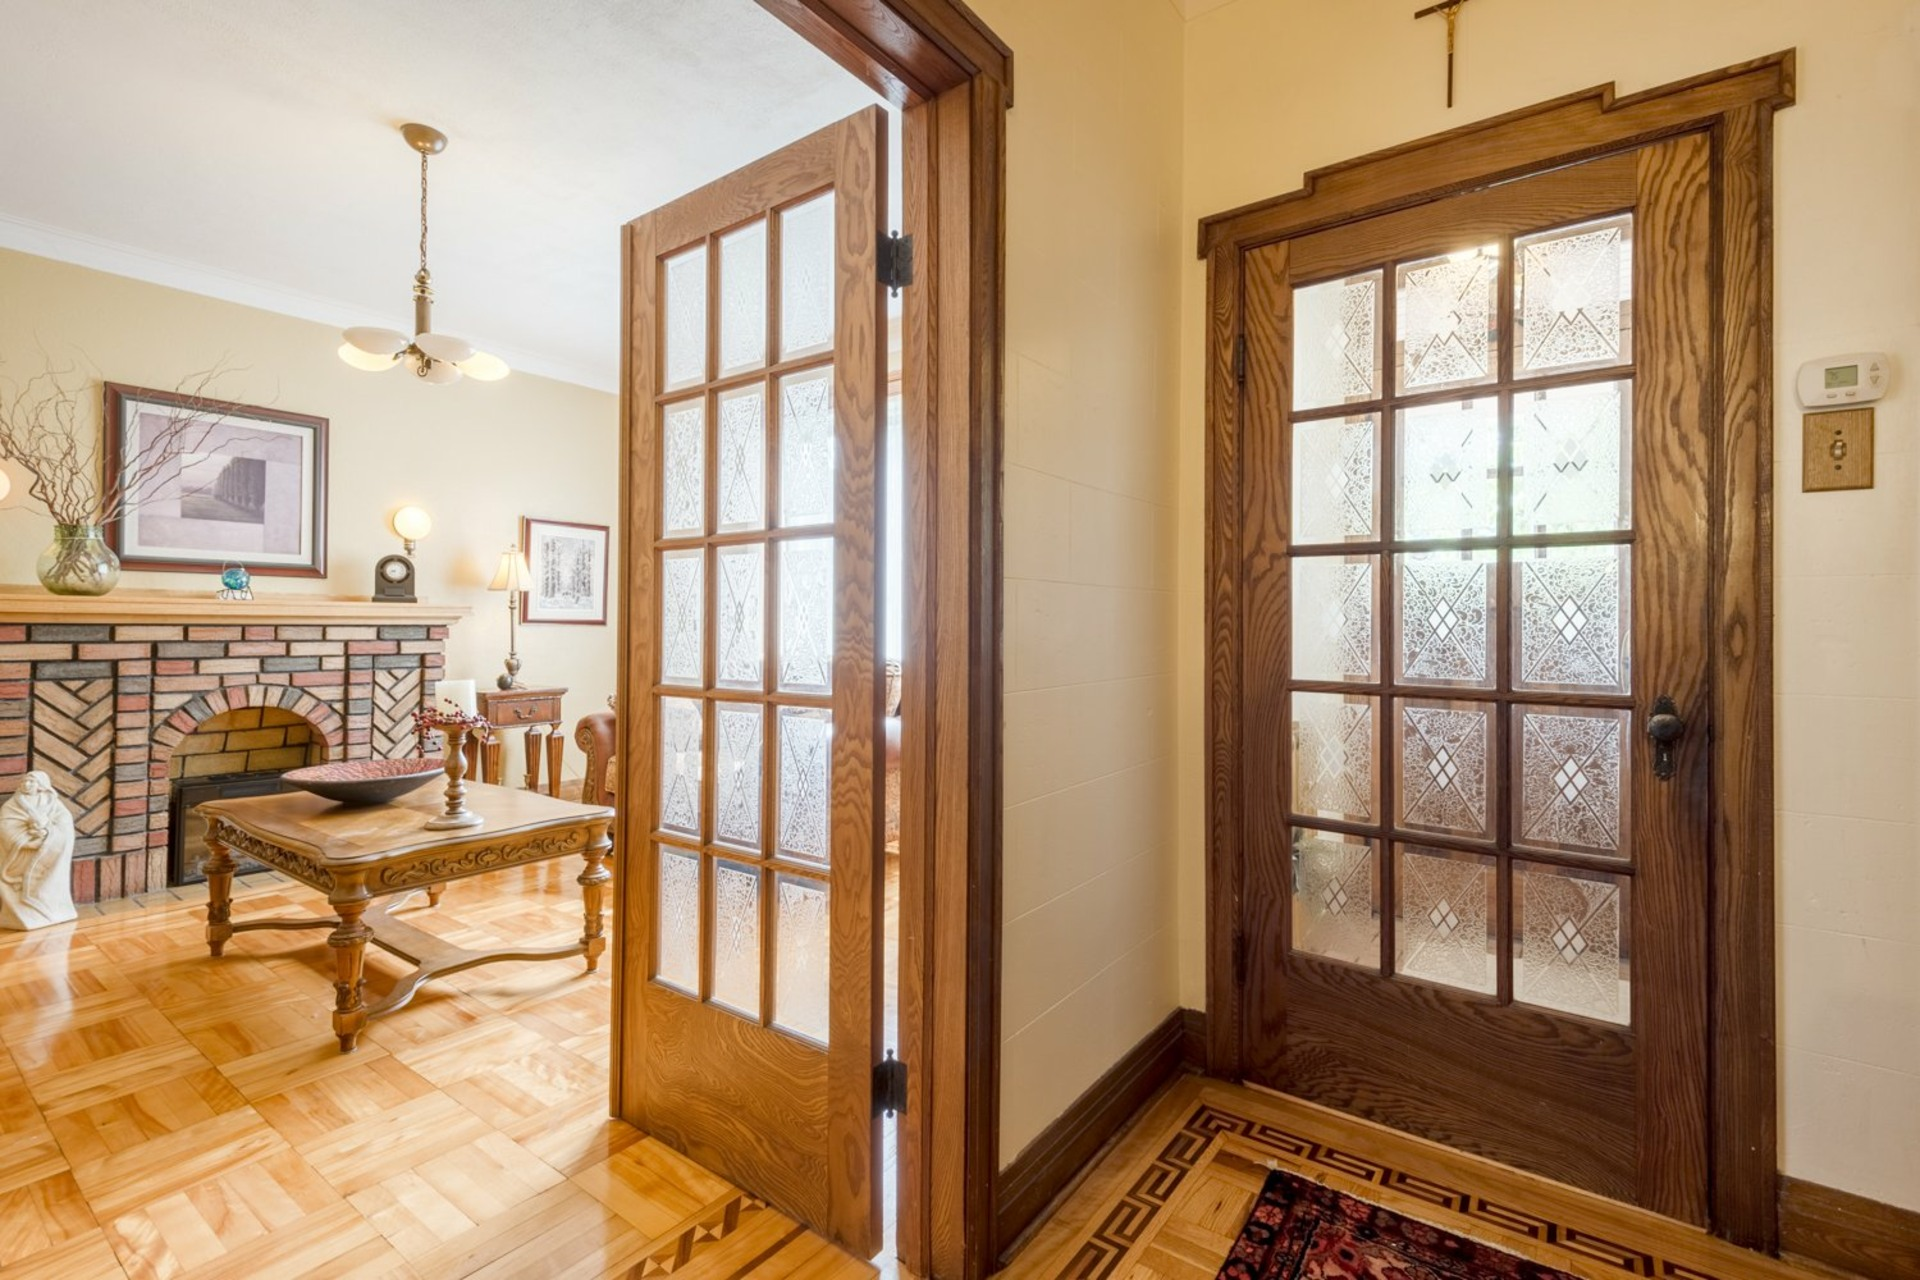 image 4 - Duplex For sale Sainte-Anne-de-Bellevue - 6 rooms